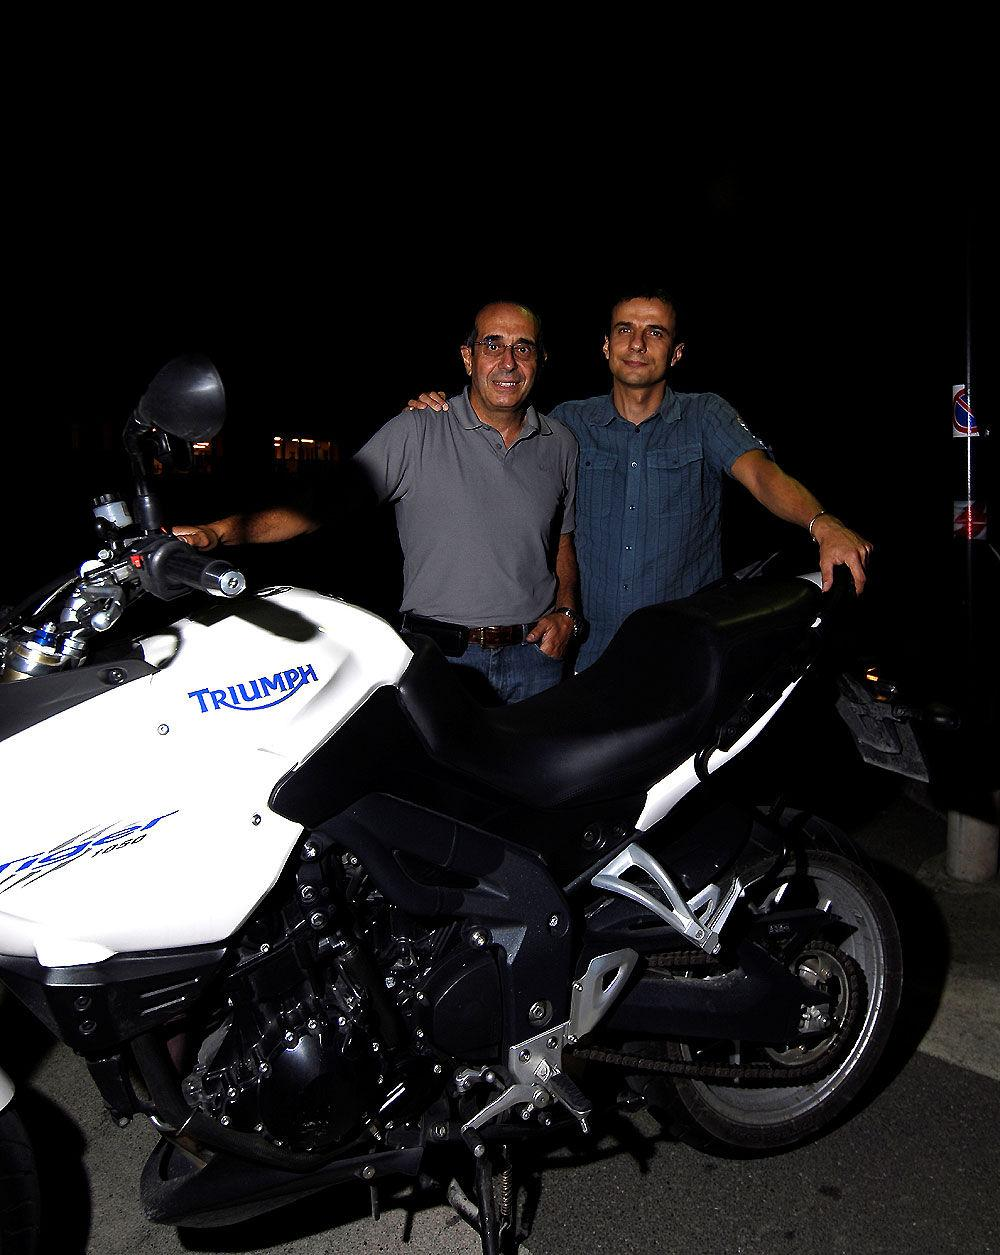 Moto Club Leonessa di Brescia - Motociclismo